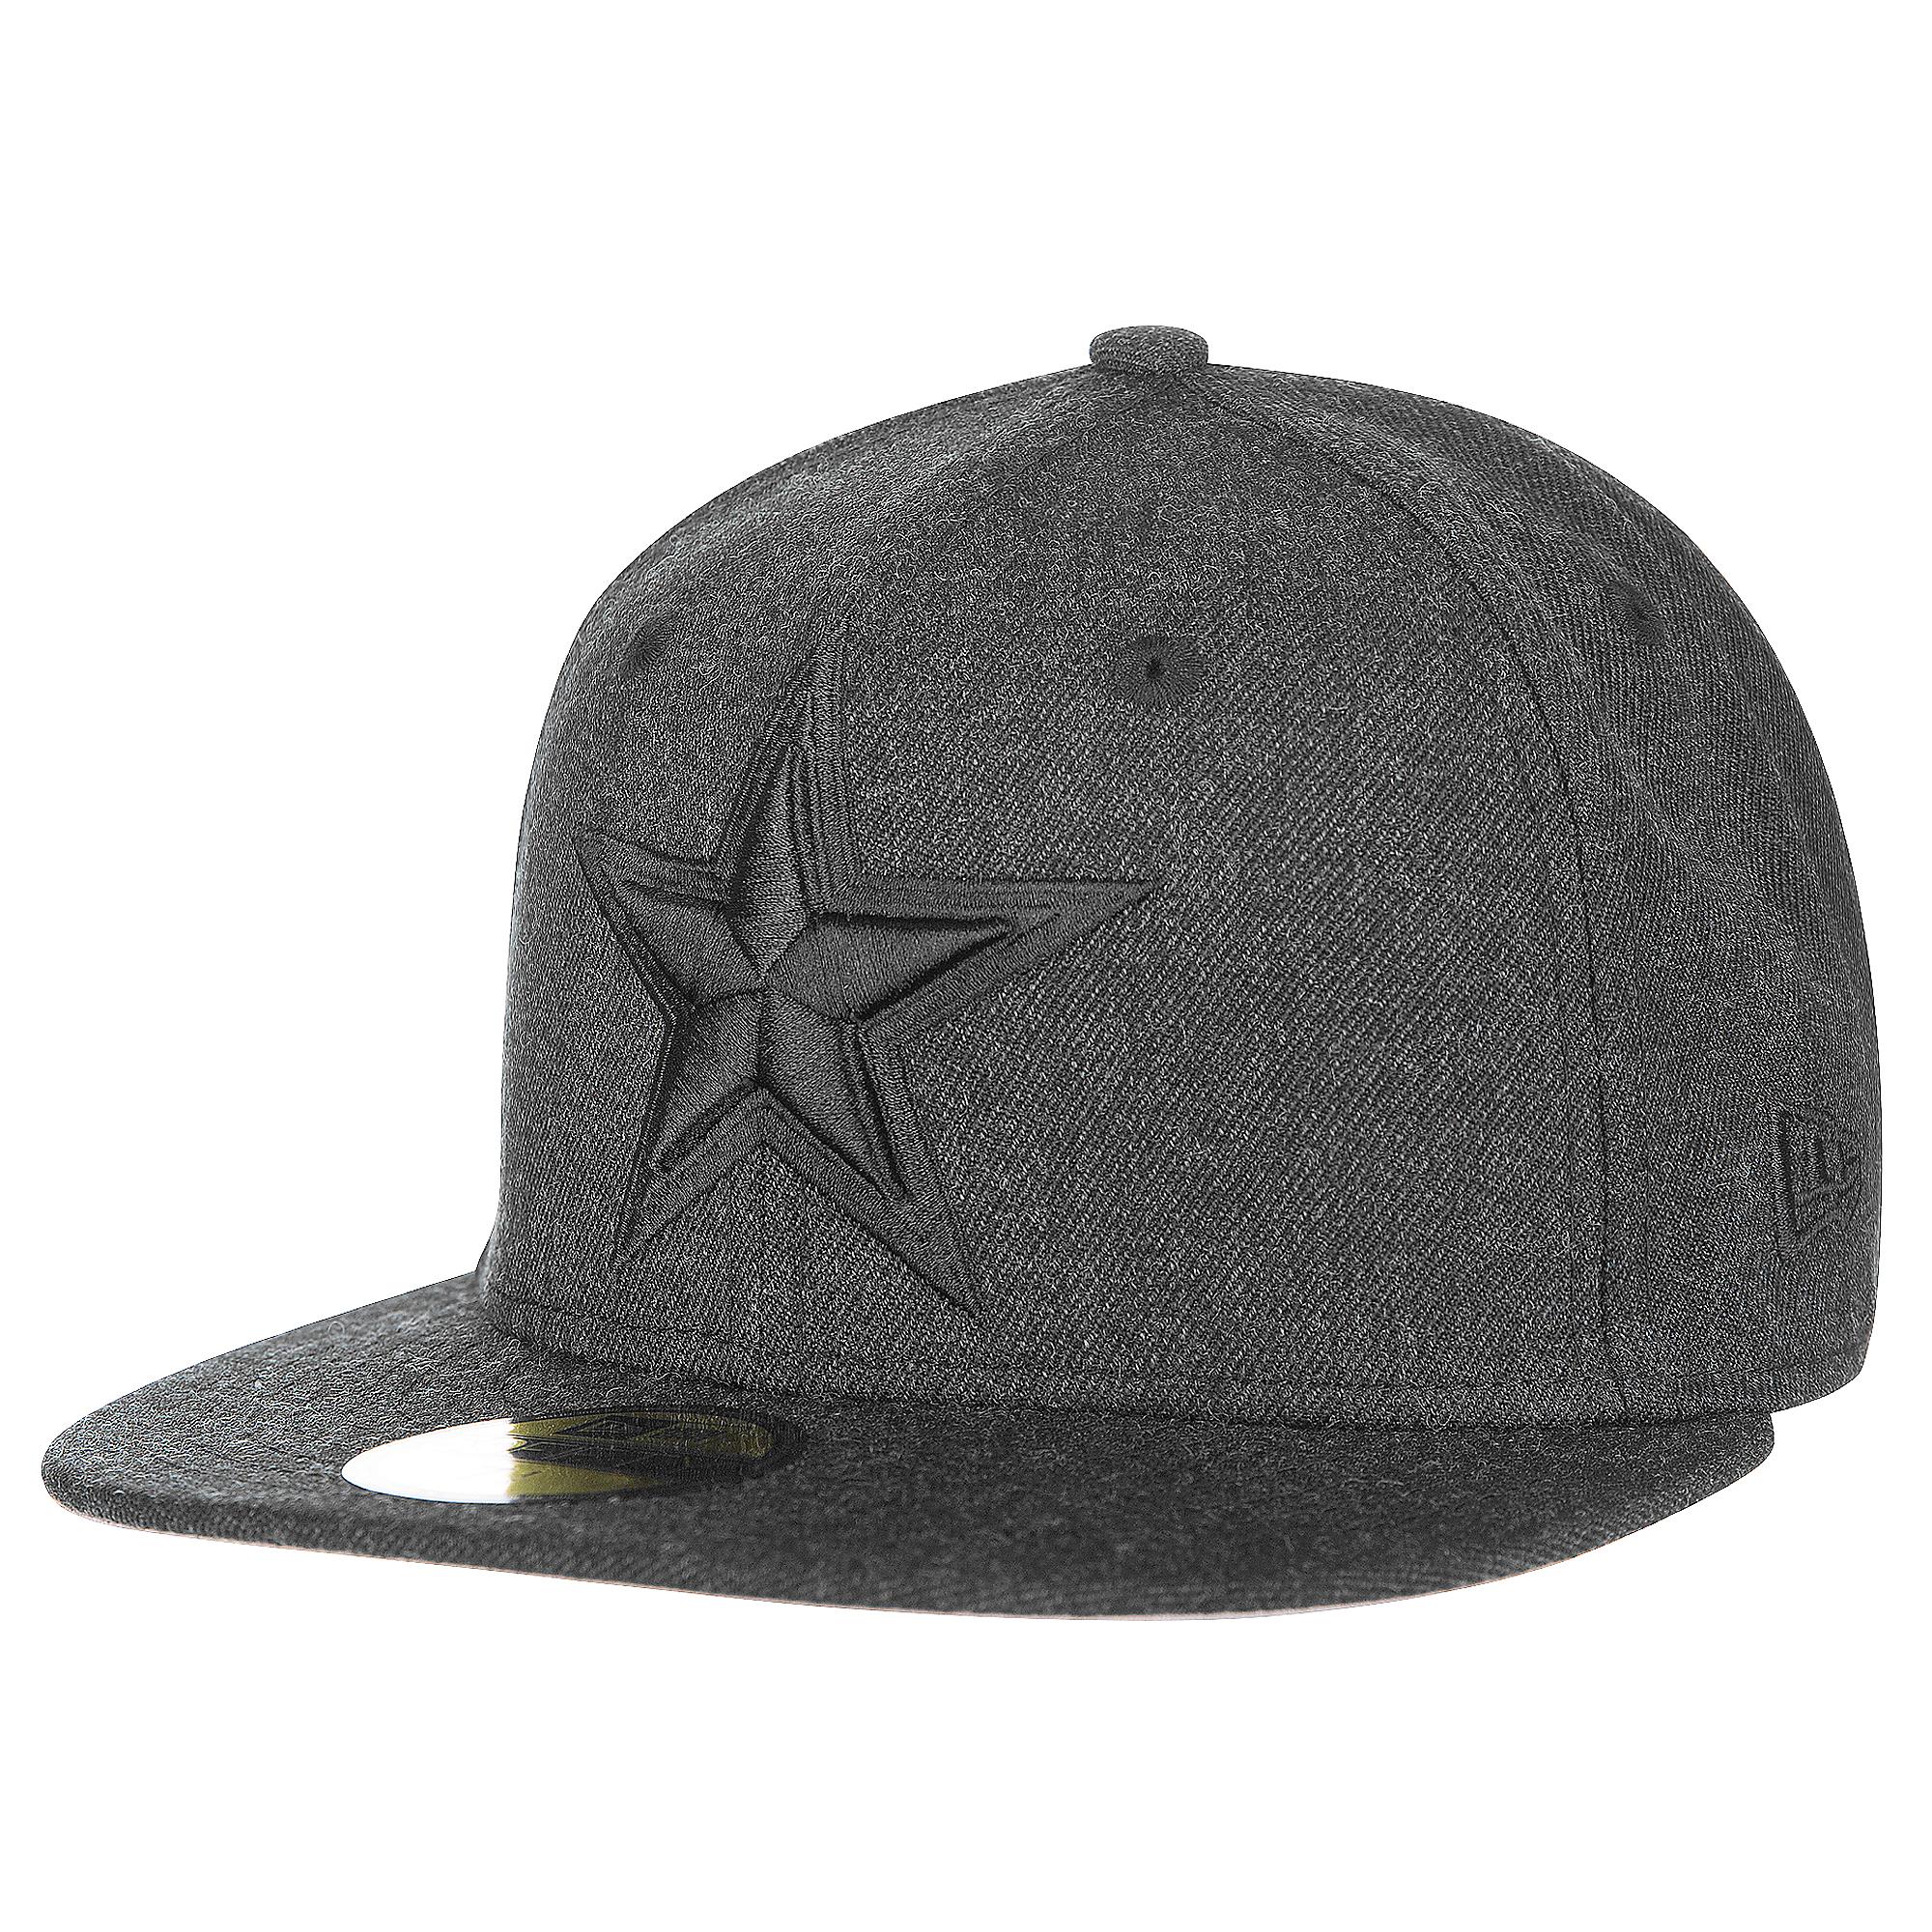 d3ef43149 Dallas Cowboys New Era Total Tonal Fitted 59Fifty Cap   Dallas Cowboys Pro  Shop